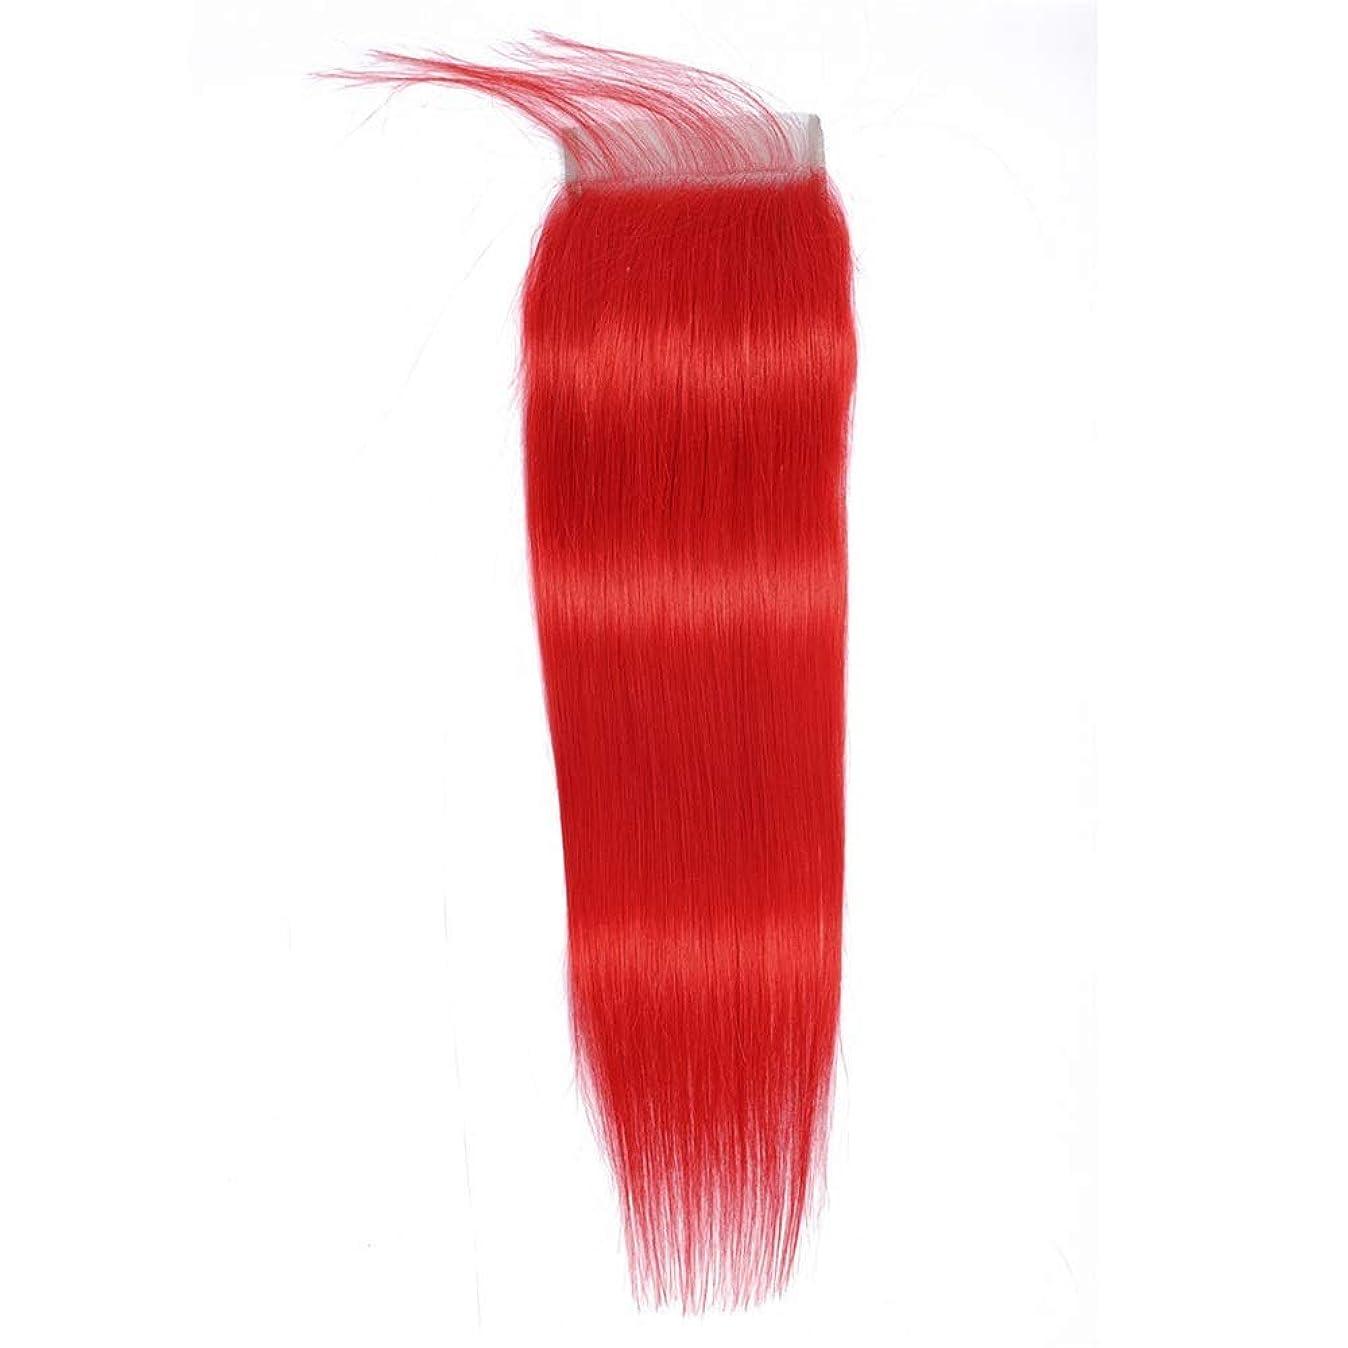 シエスタ分散操作可能かつら 4×4インチ赤ストレートヘアーレースの閉鎖ブラジルのバージン人間の髪の毛の閉鎖10インチ-16インチファッションかつら (色 : レッド, サイズ : 14 inch)